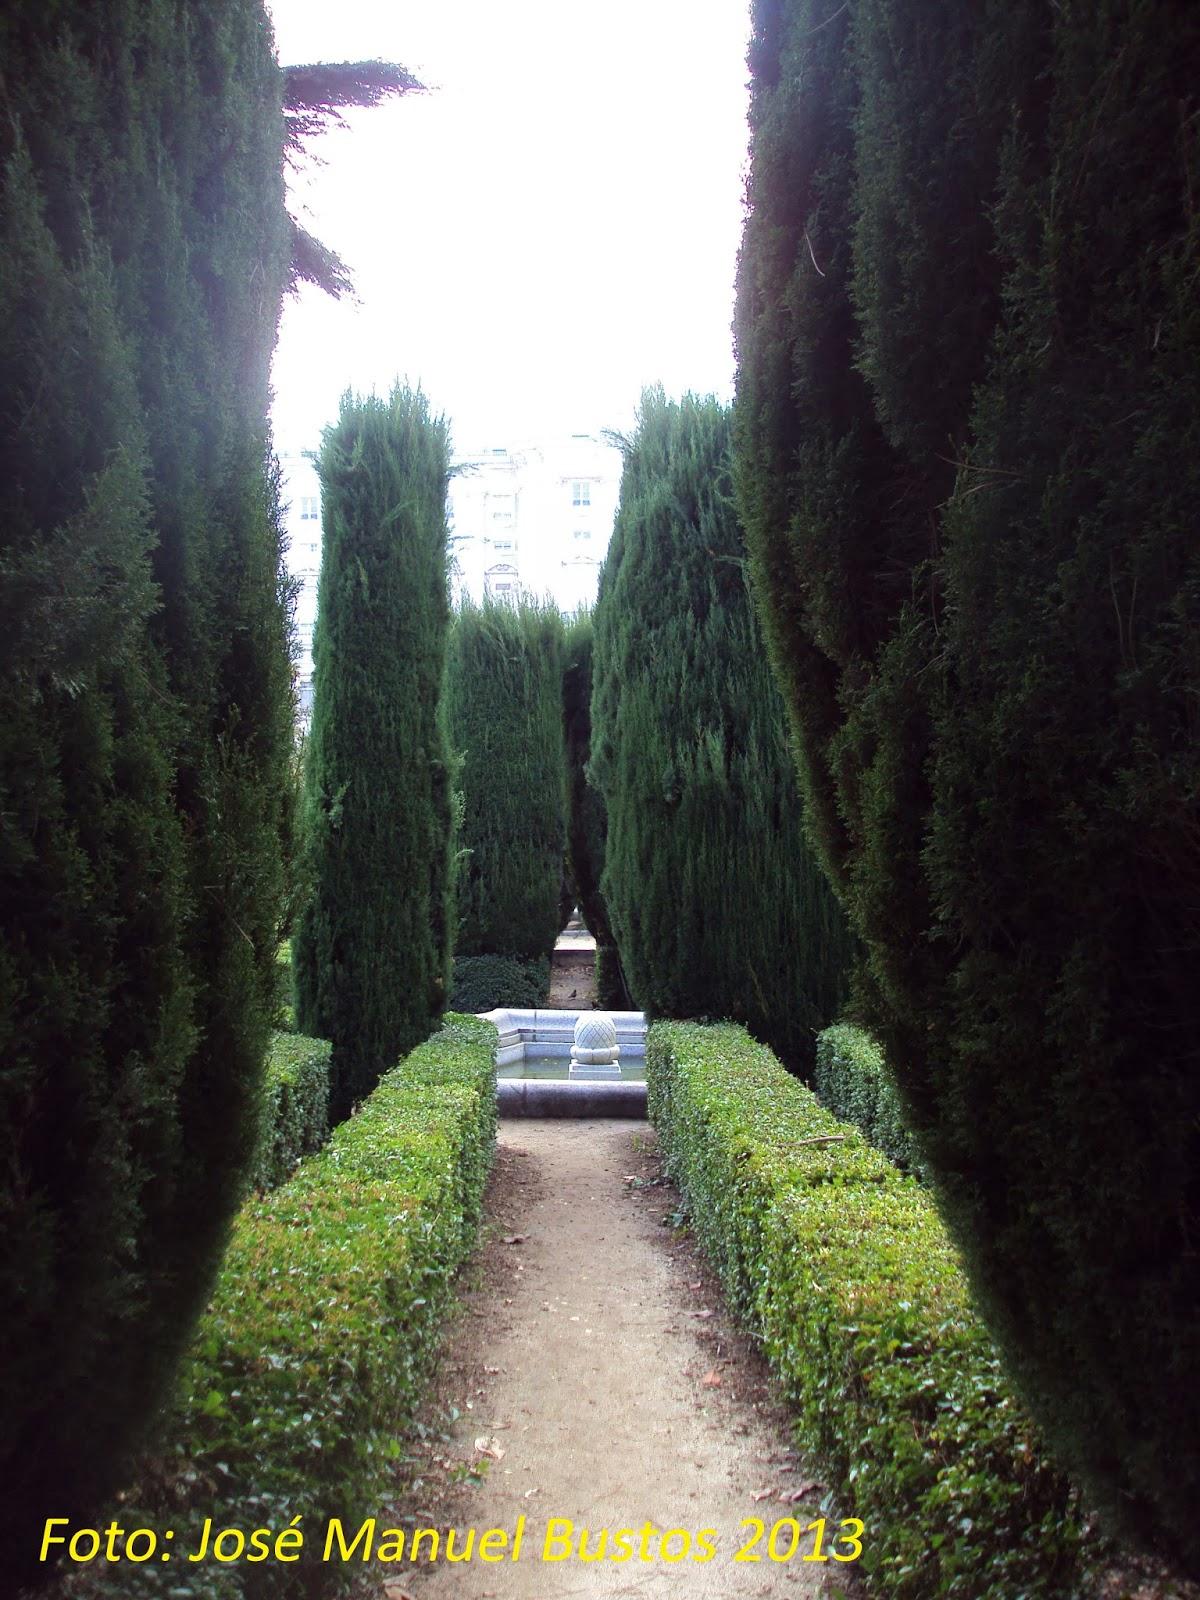 Miradas de madrid jardines de sabatini for Jardines sabatini conciertos